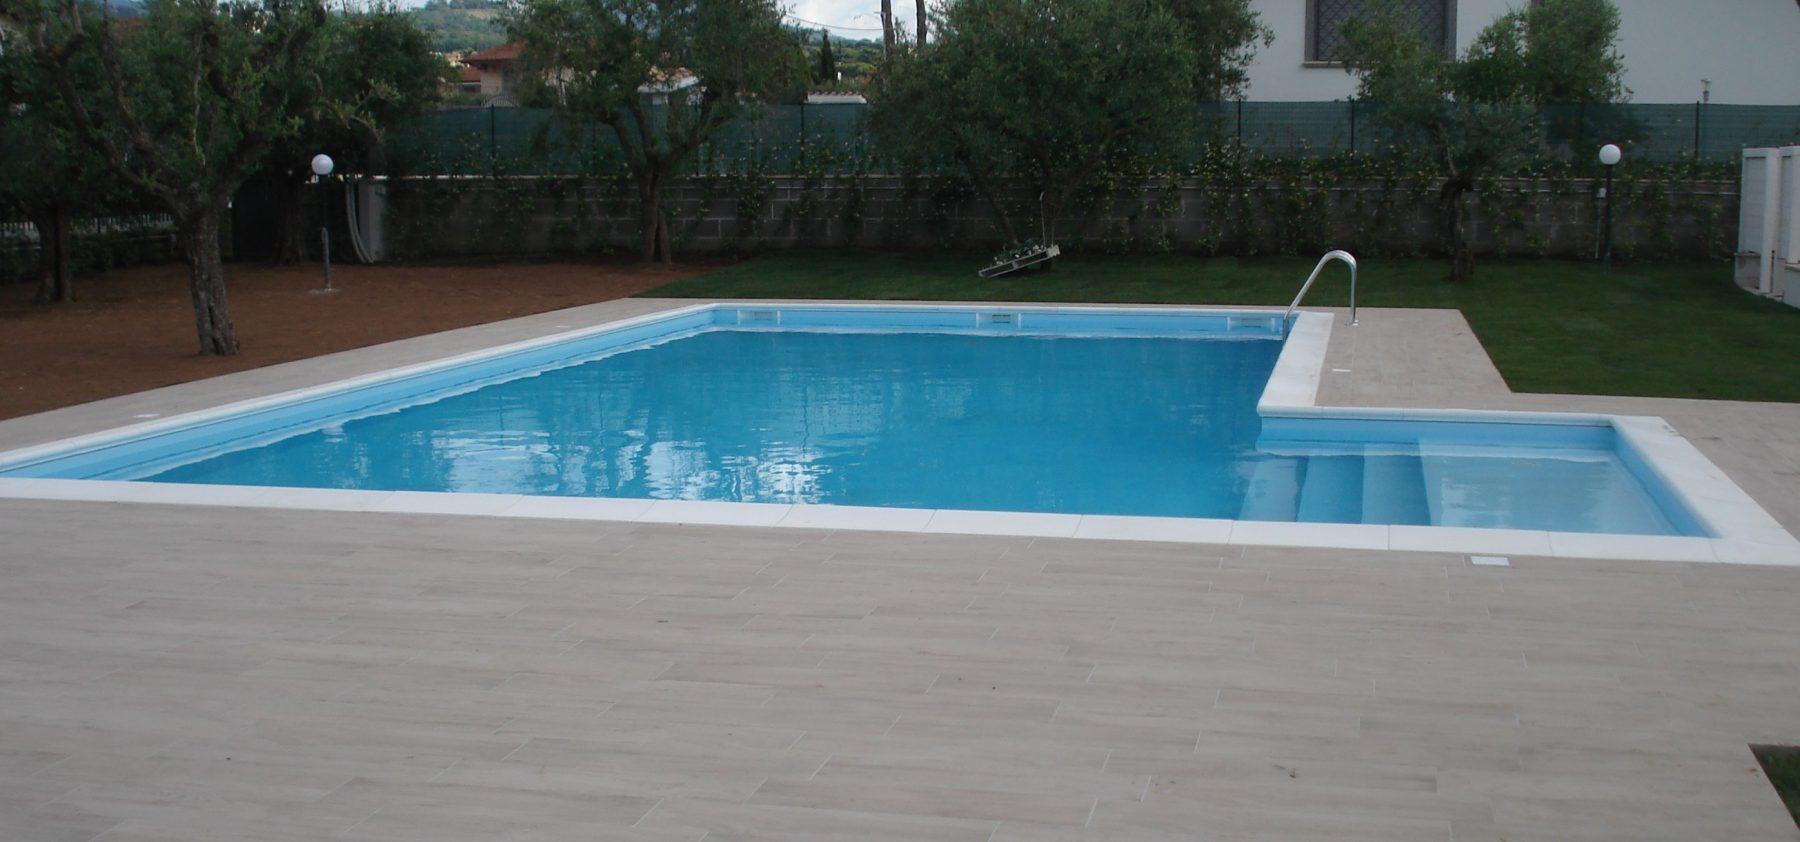 La piscina interrata con struttura in acciaio